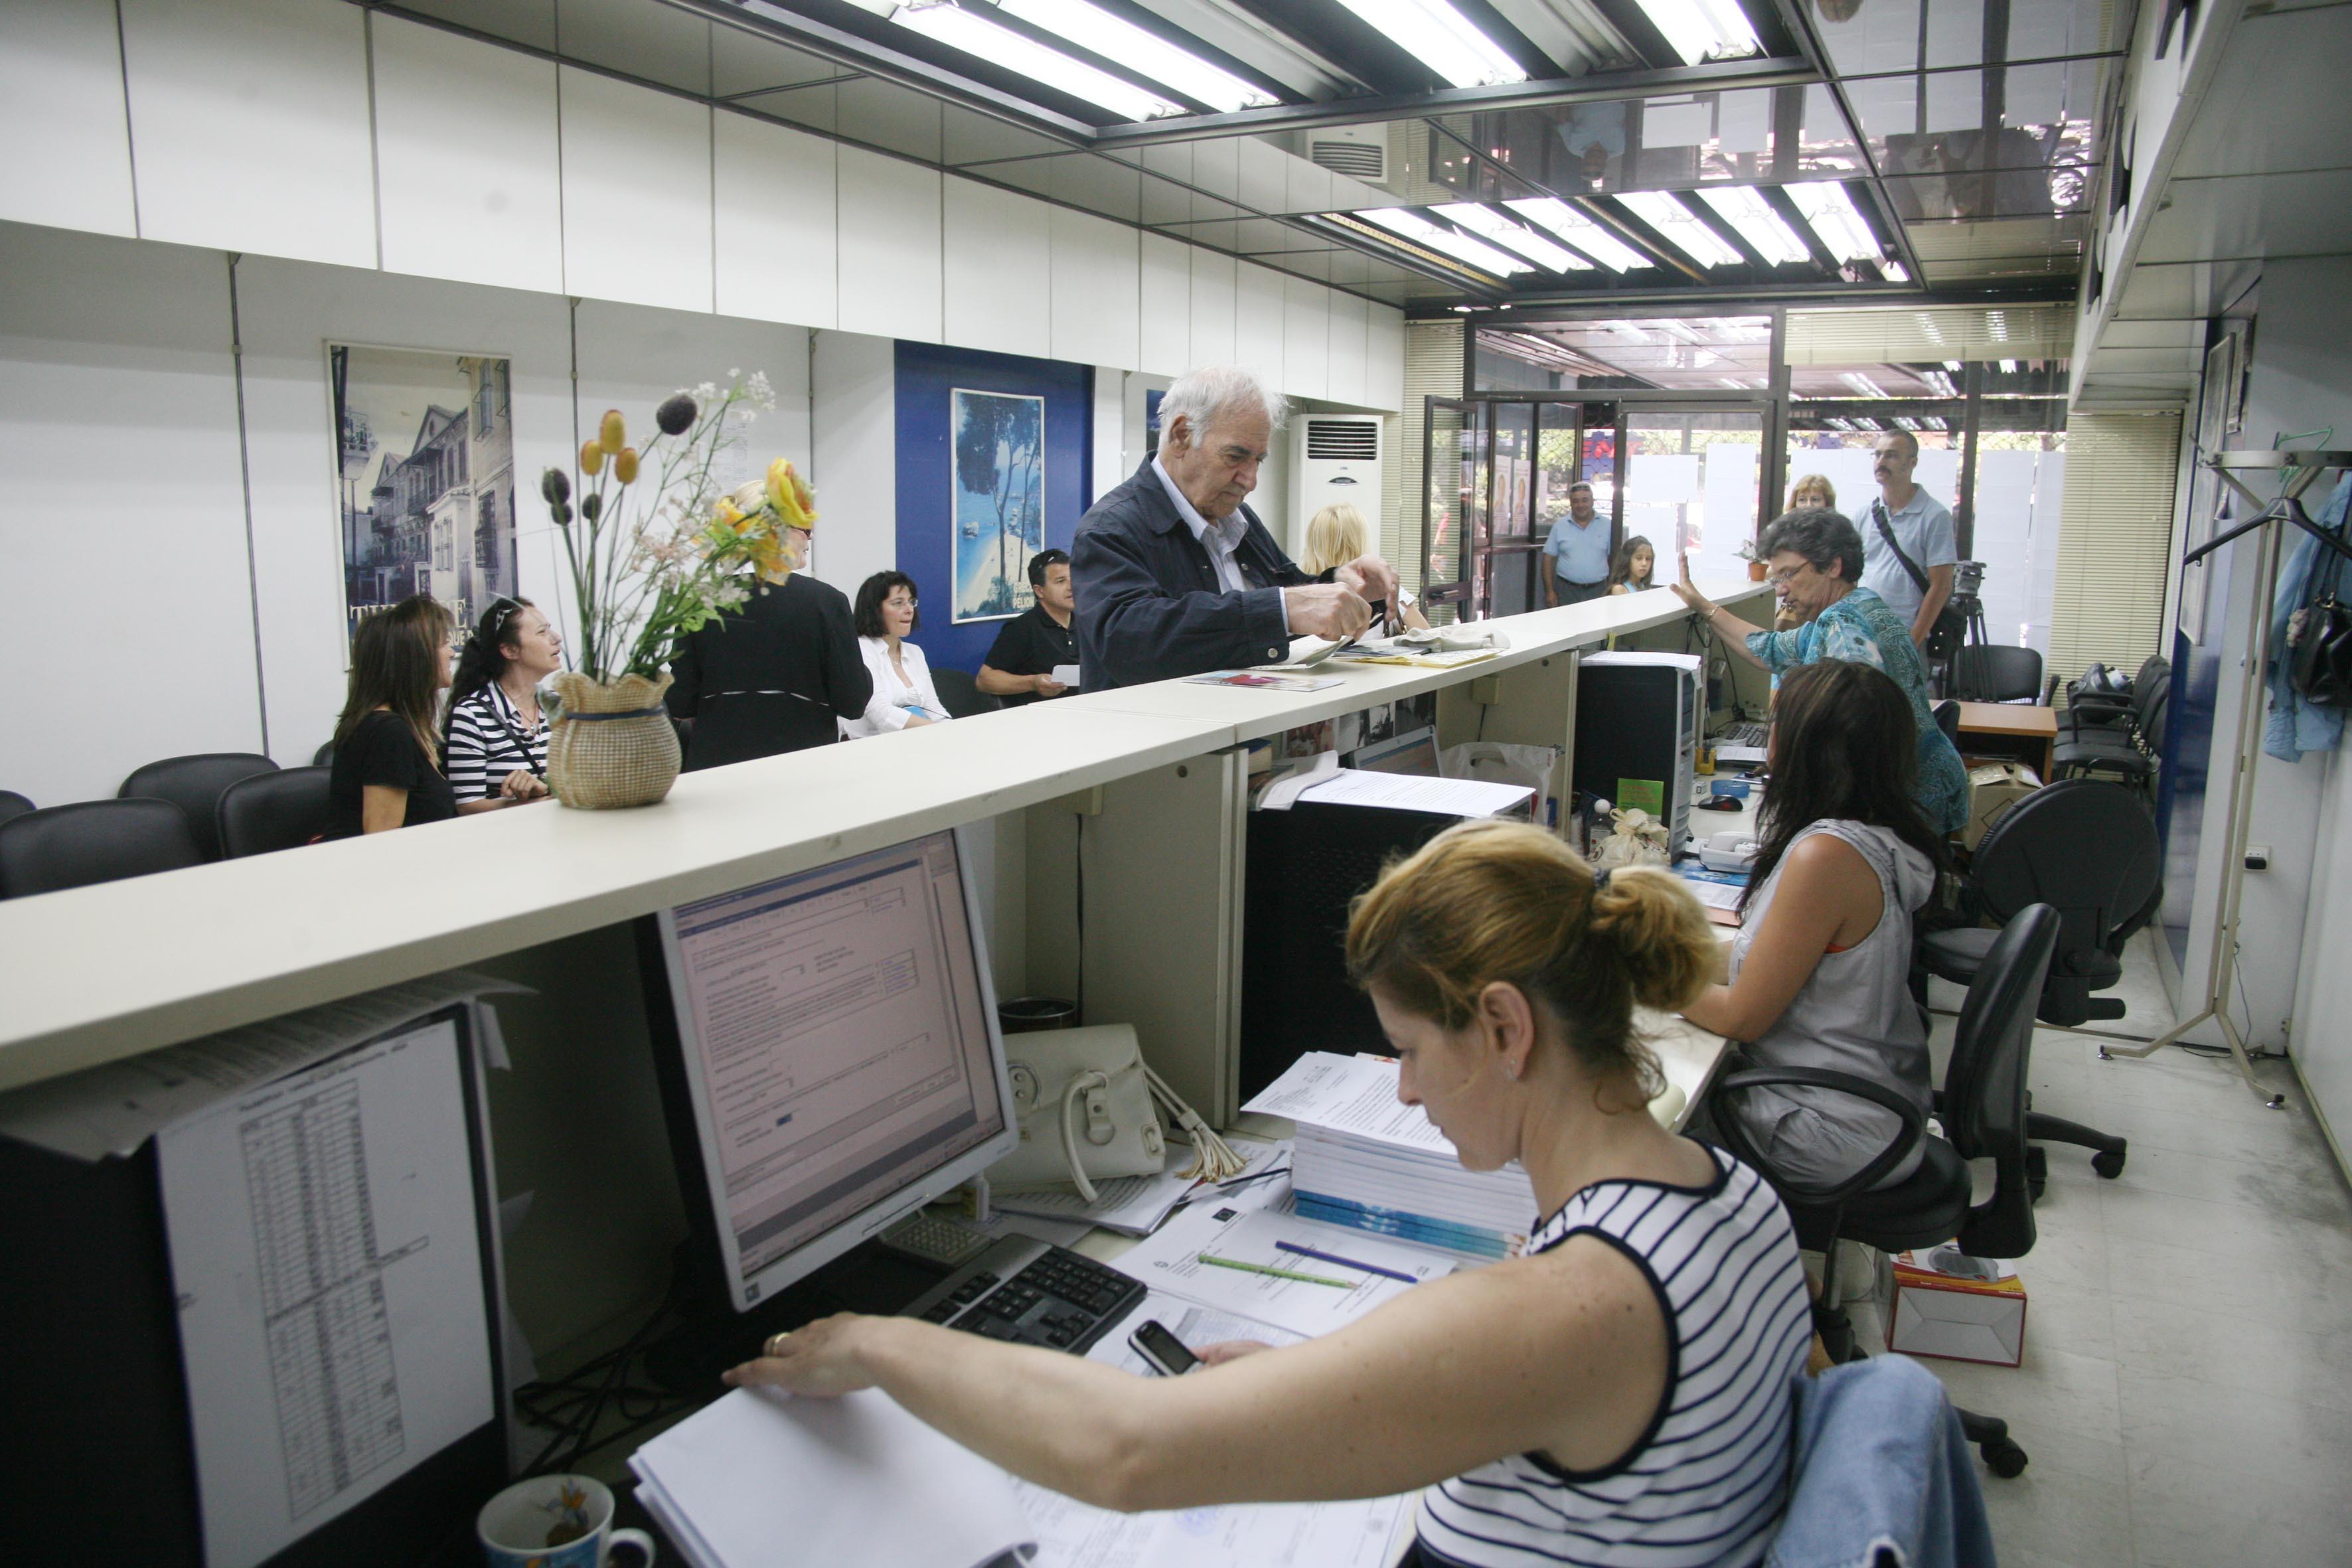 Μόλις… 185 εκατ. ευρώ έφτασαν στους πολίτες τον Αύγουστο από τα 992 που διέθεσε το Δημόσιο